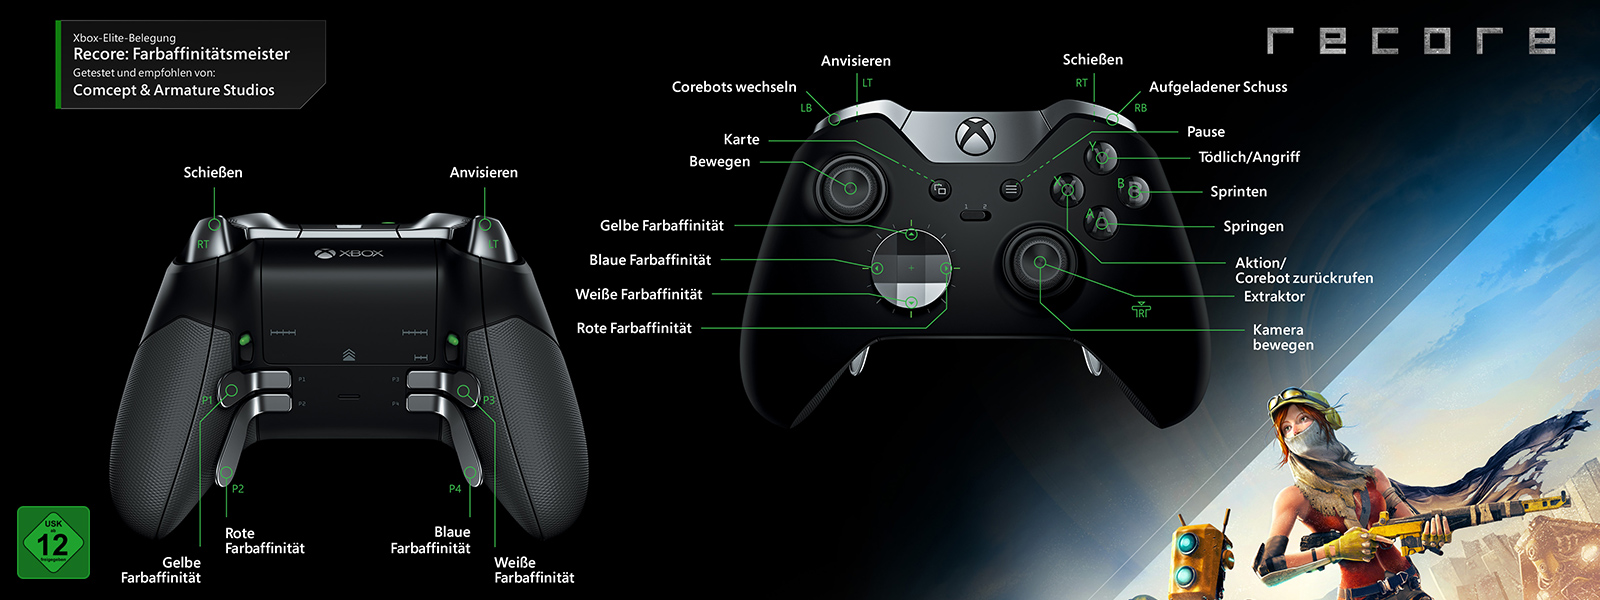 Xbox one hintergrund wechseln